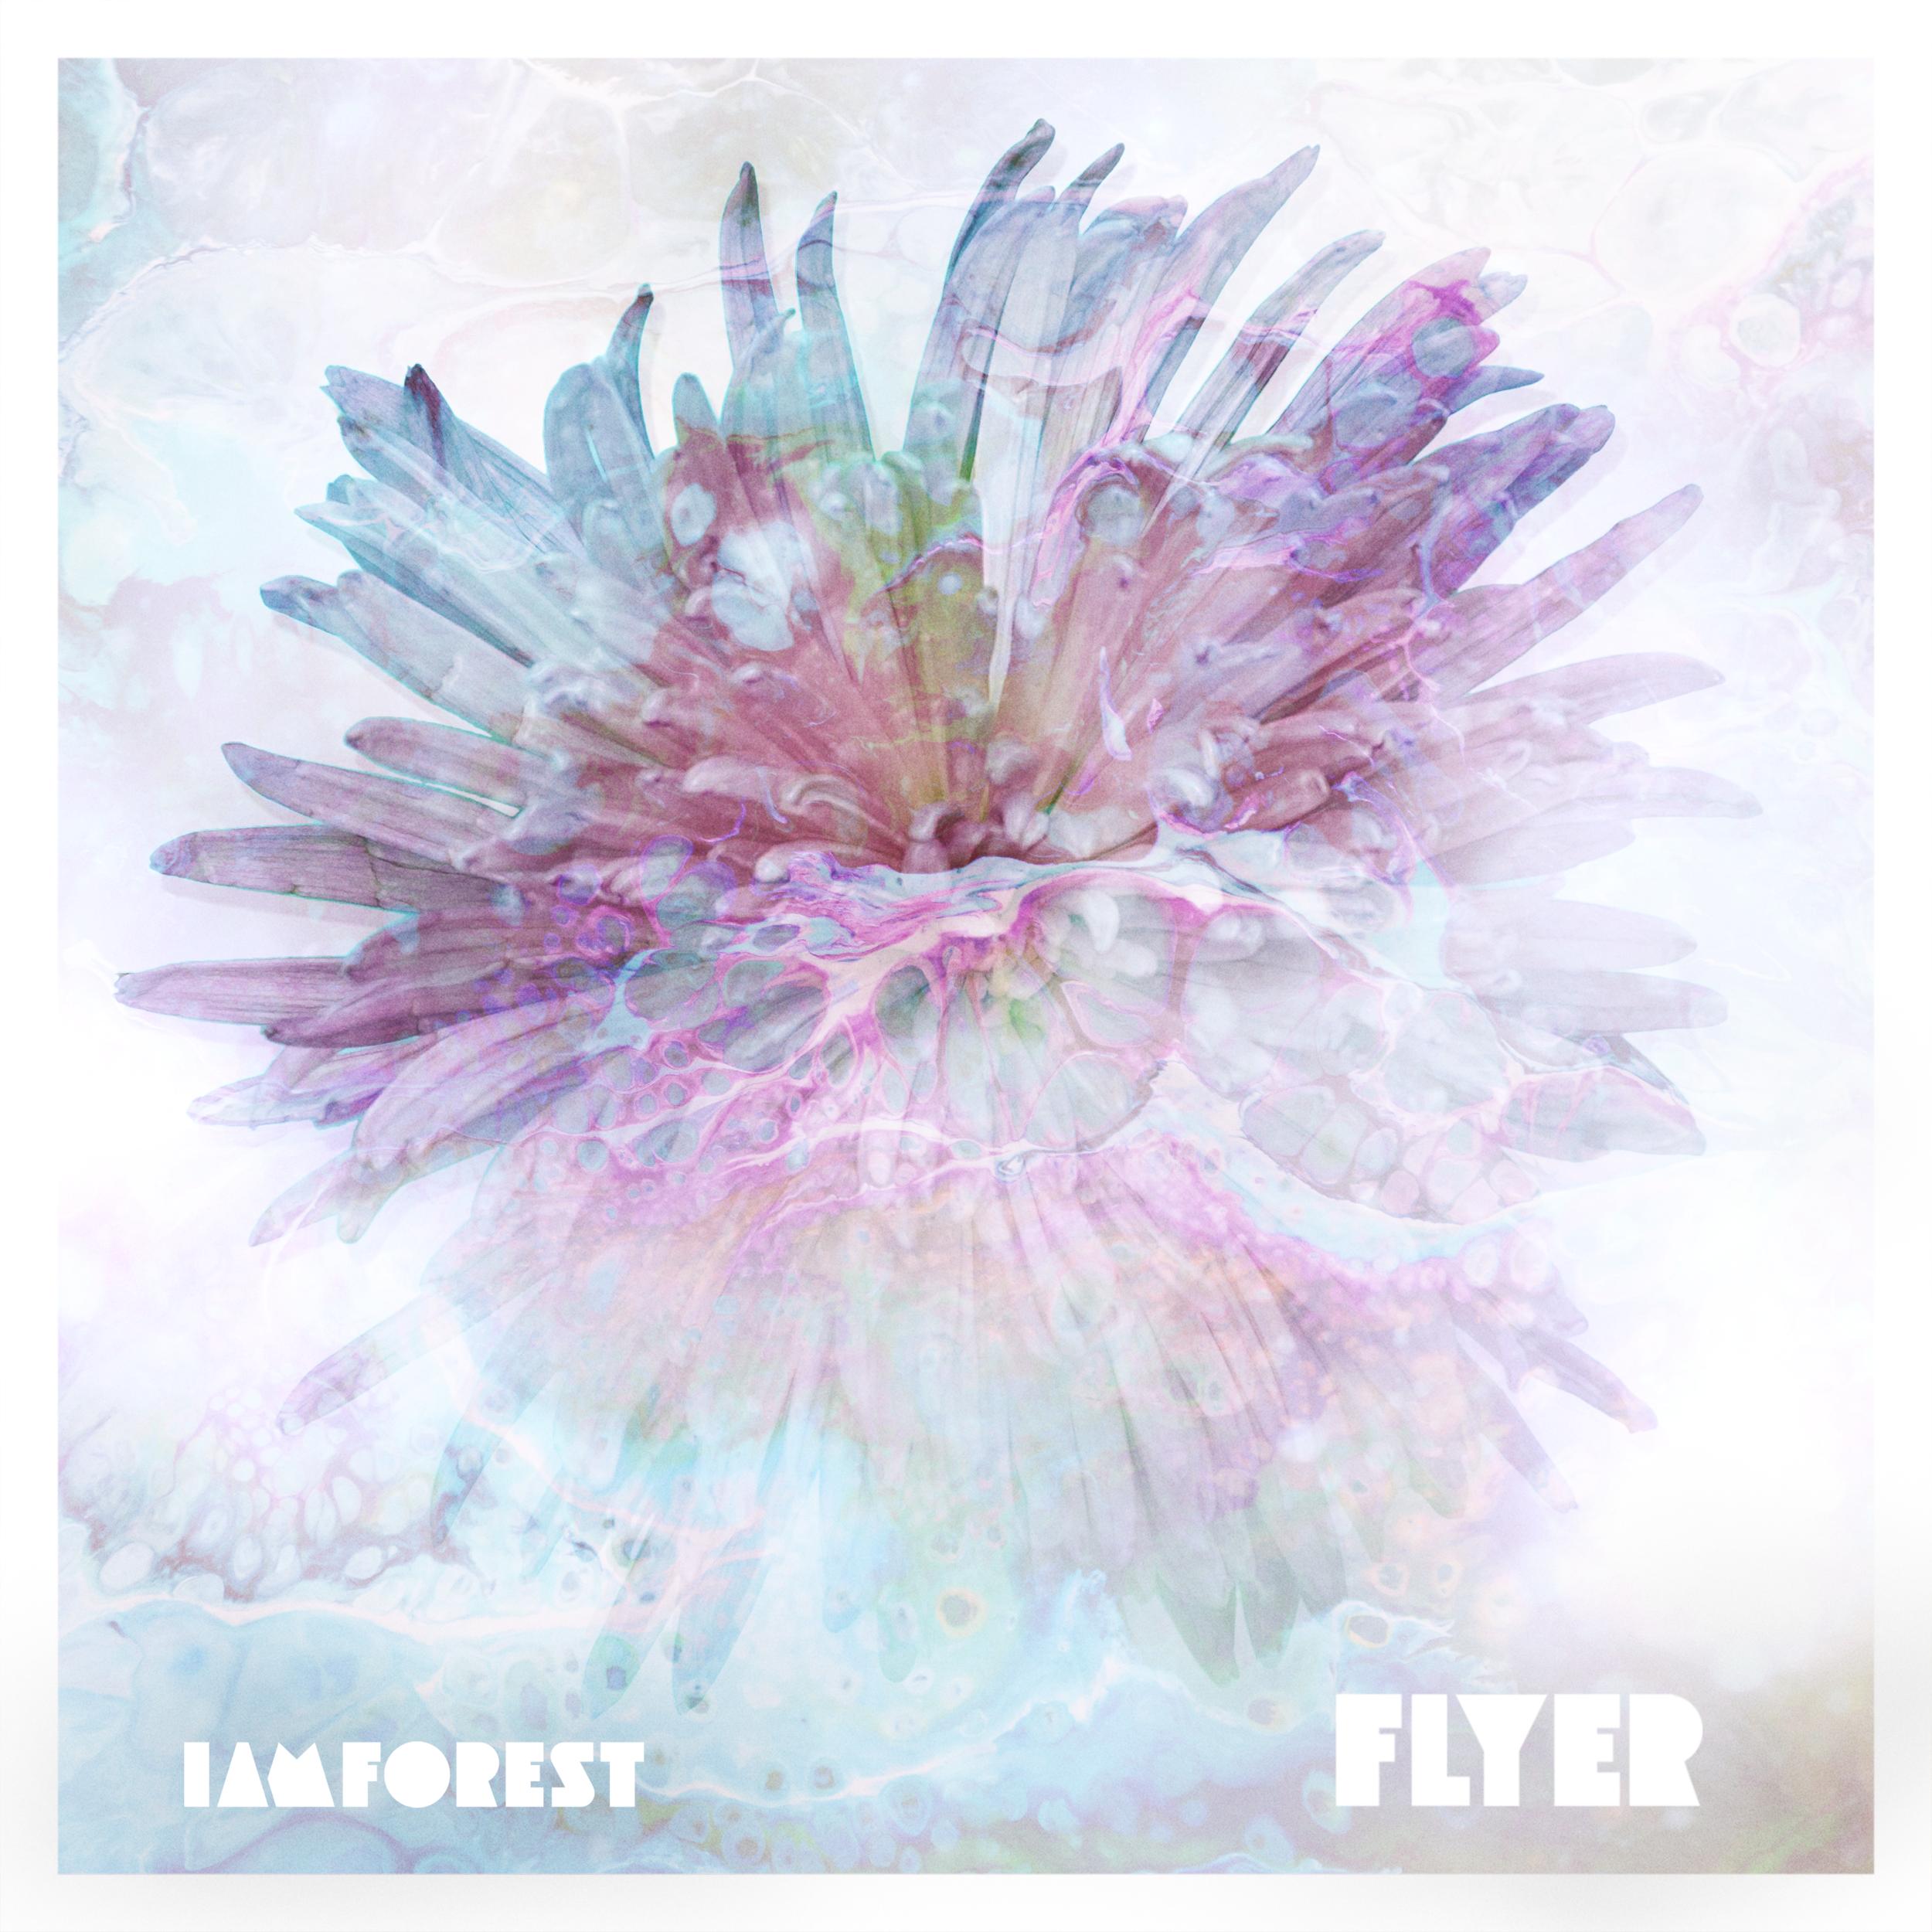 PRESS RELEASE - FLYER // SINGLE